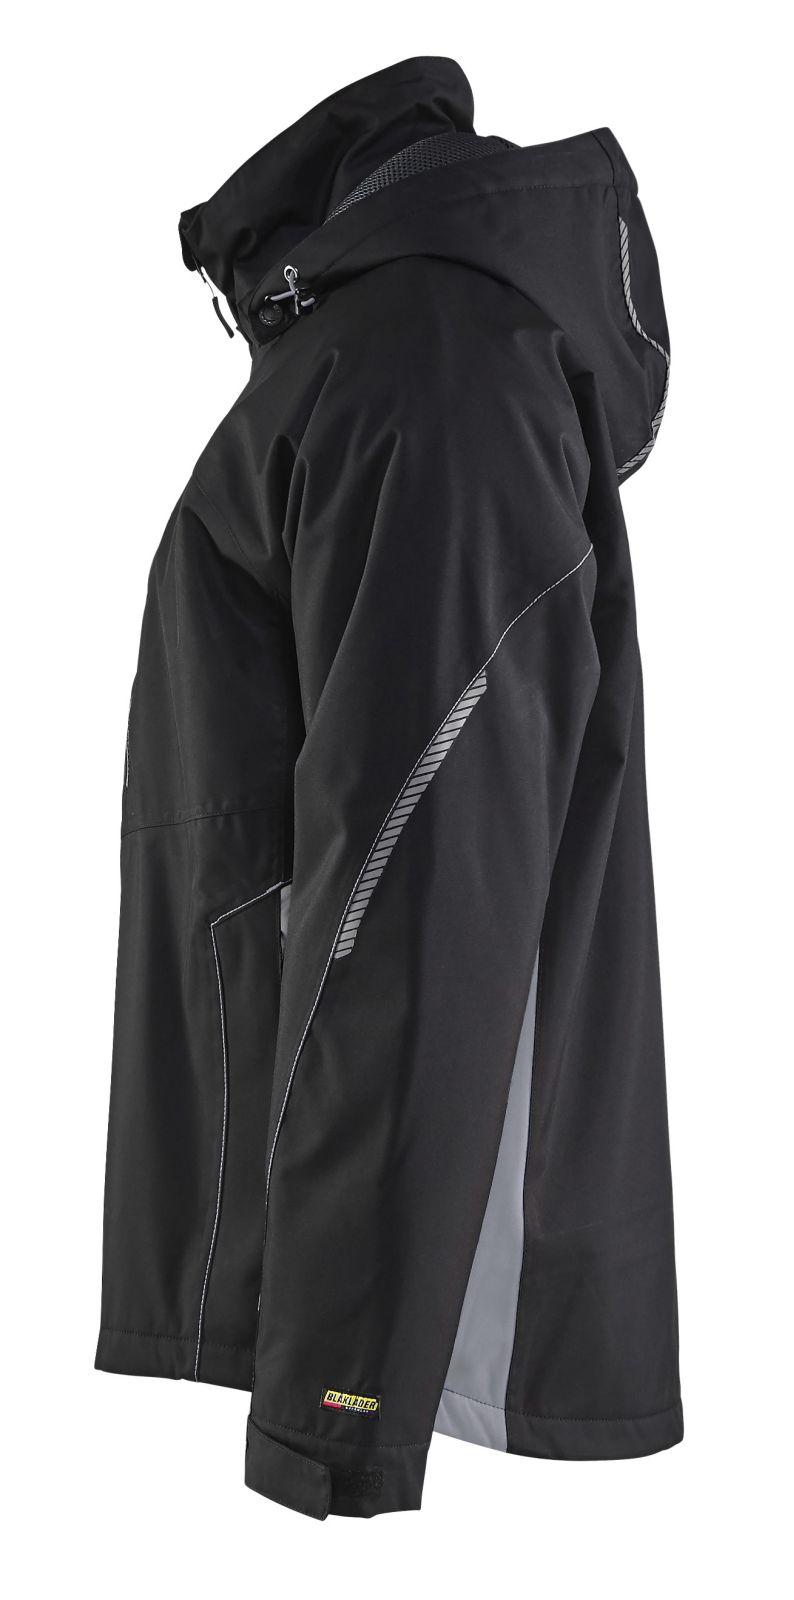 Blaklader Jassen 47901977 zwart-grijs(9994)